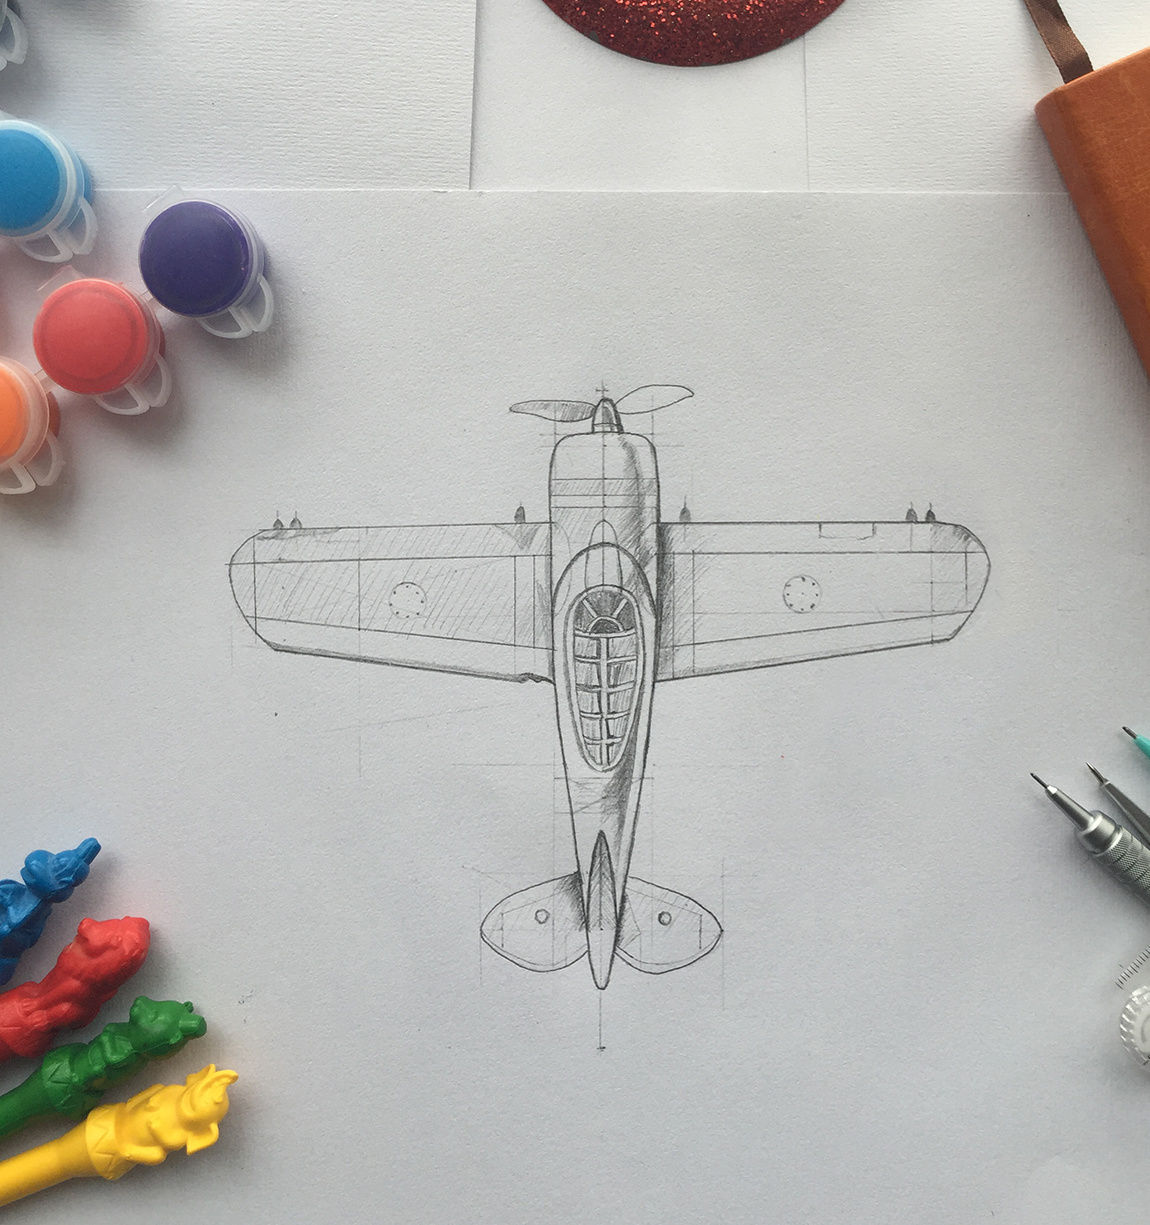 手绘临摹mike大师作品|插画|插画习作|c了个t - 原创